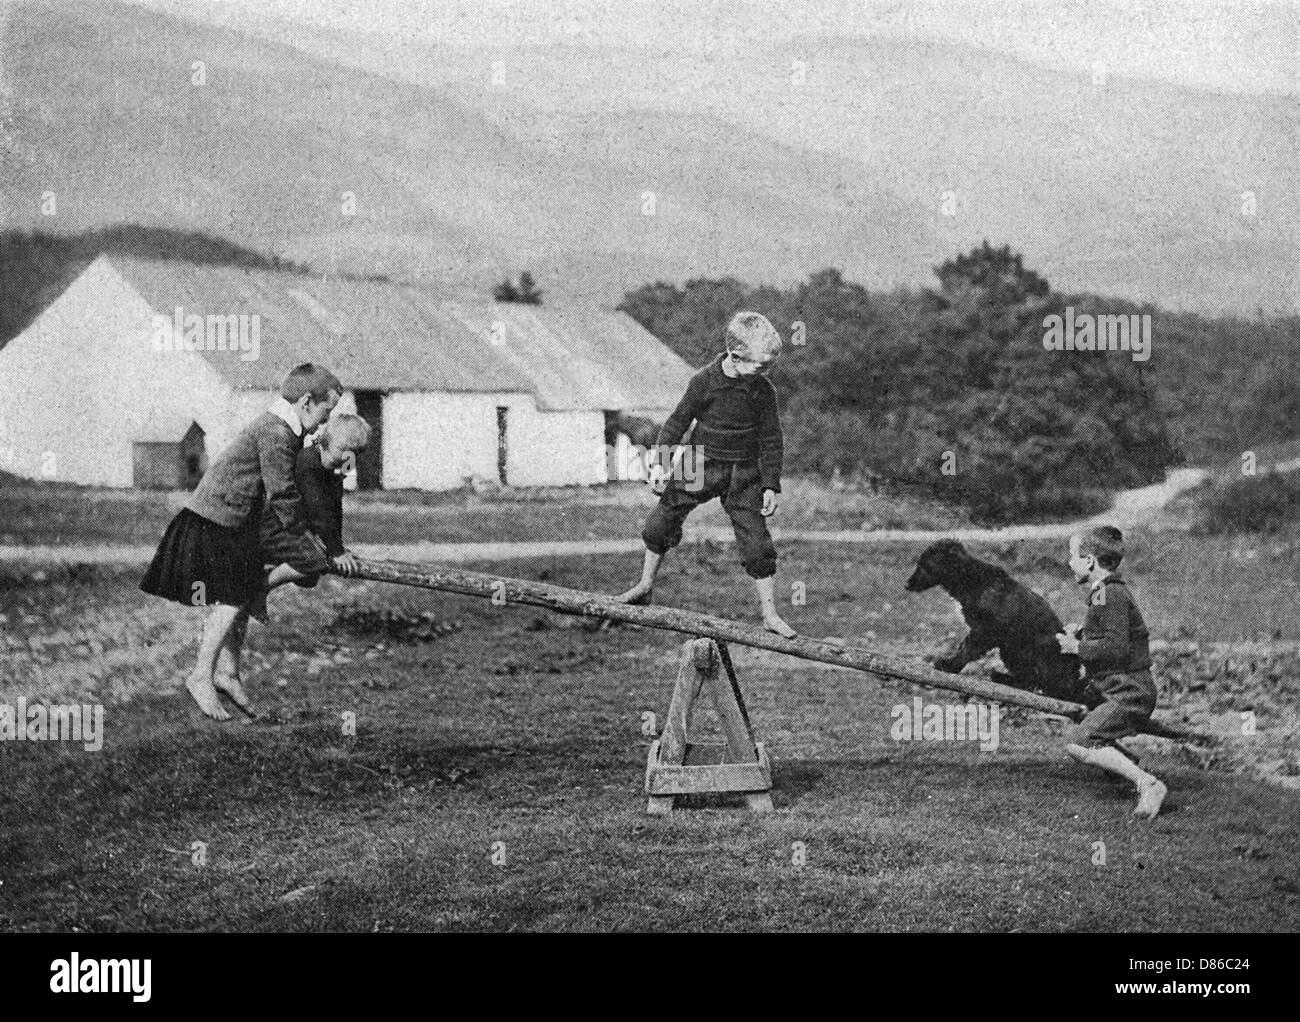 Kindern und einem Hund spielen auf einer Wippe Stockbild